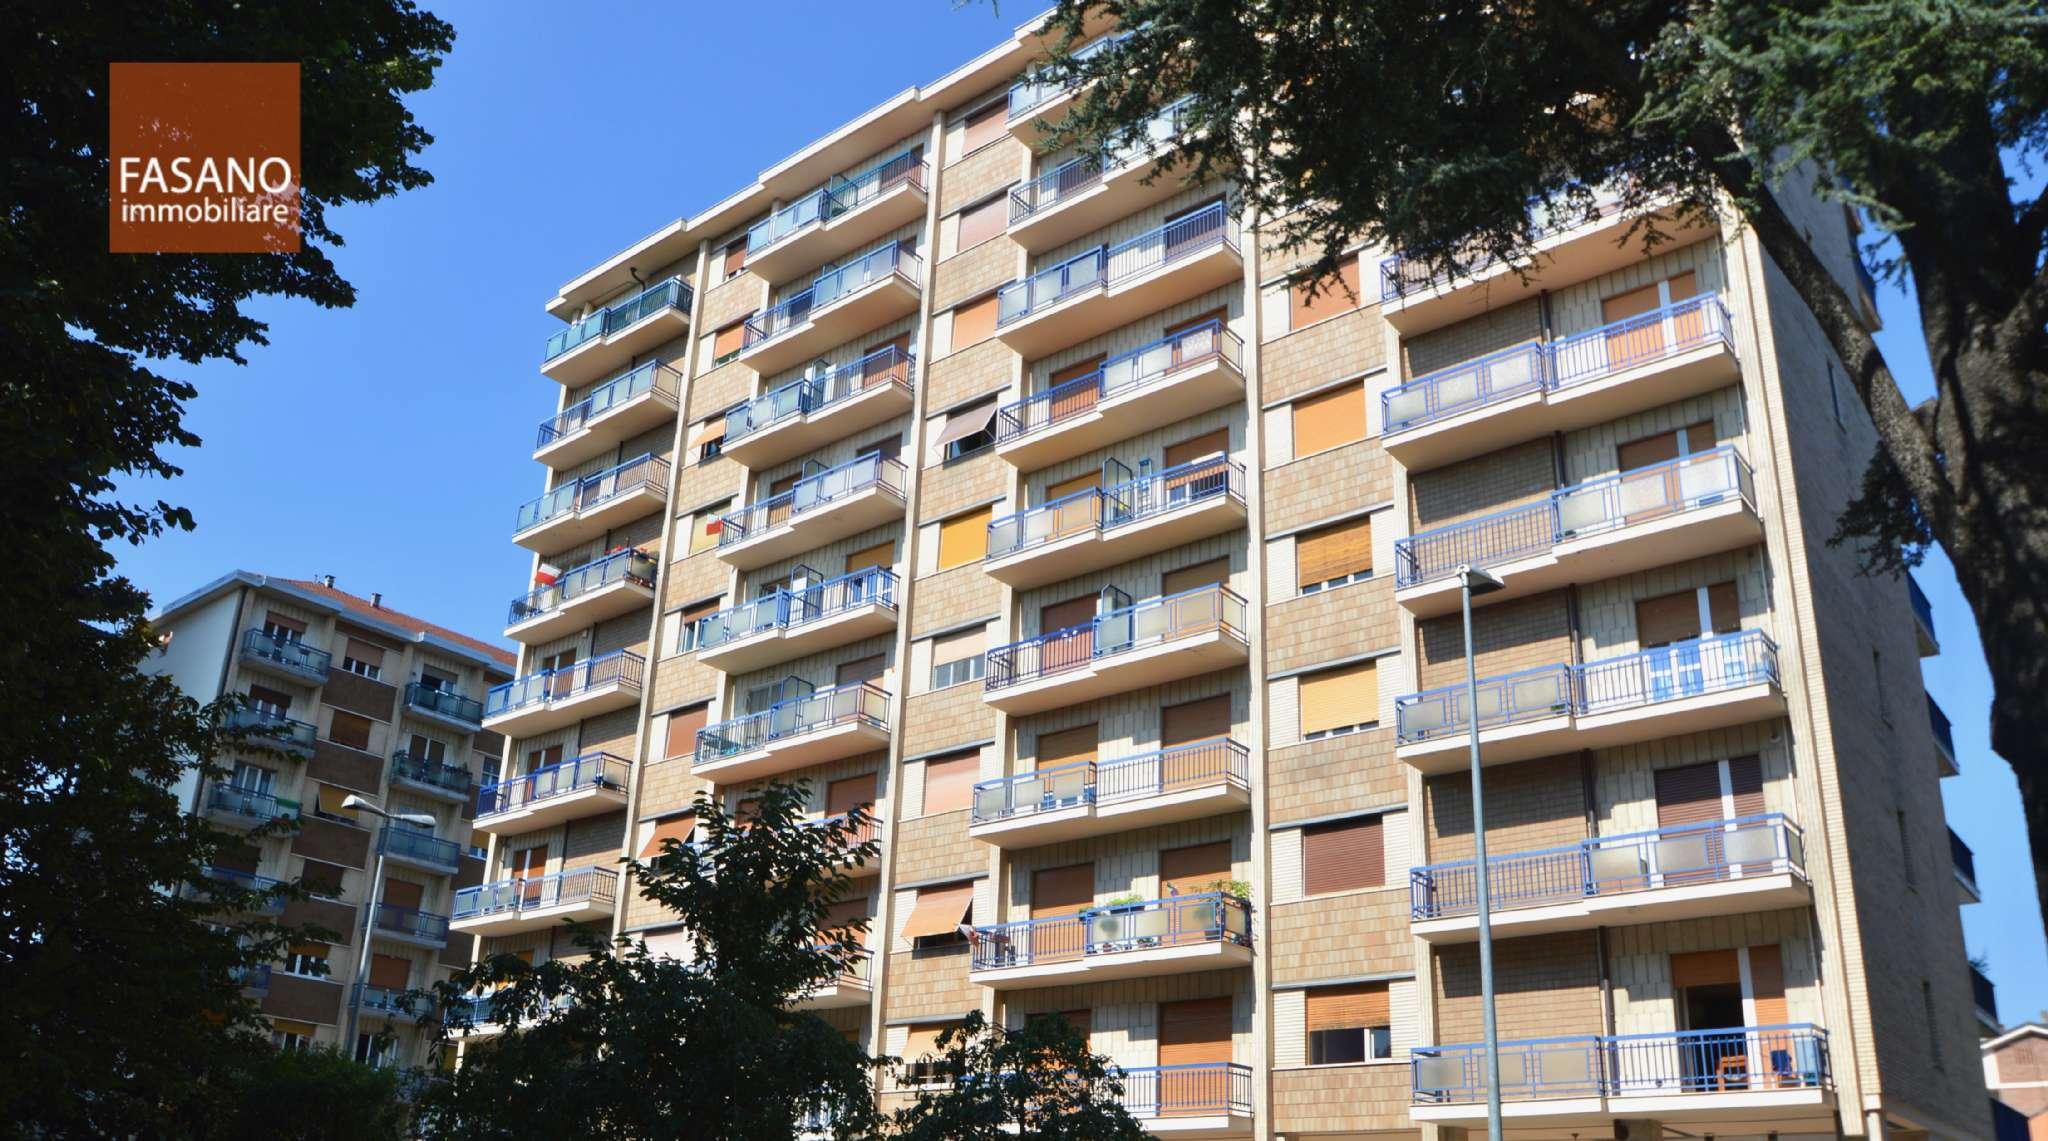 Appartamento in affitto a Collegno, 3 locali, prezzo € 550 | PortaleAgenzieImmobiliari.it